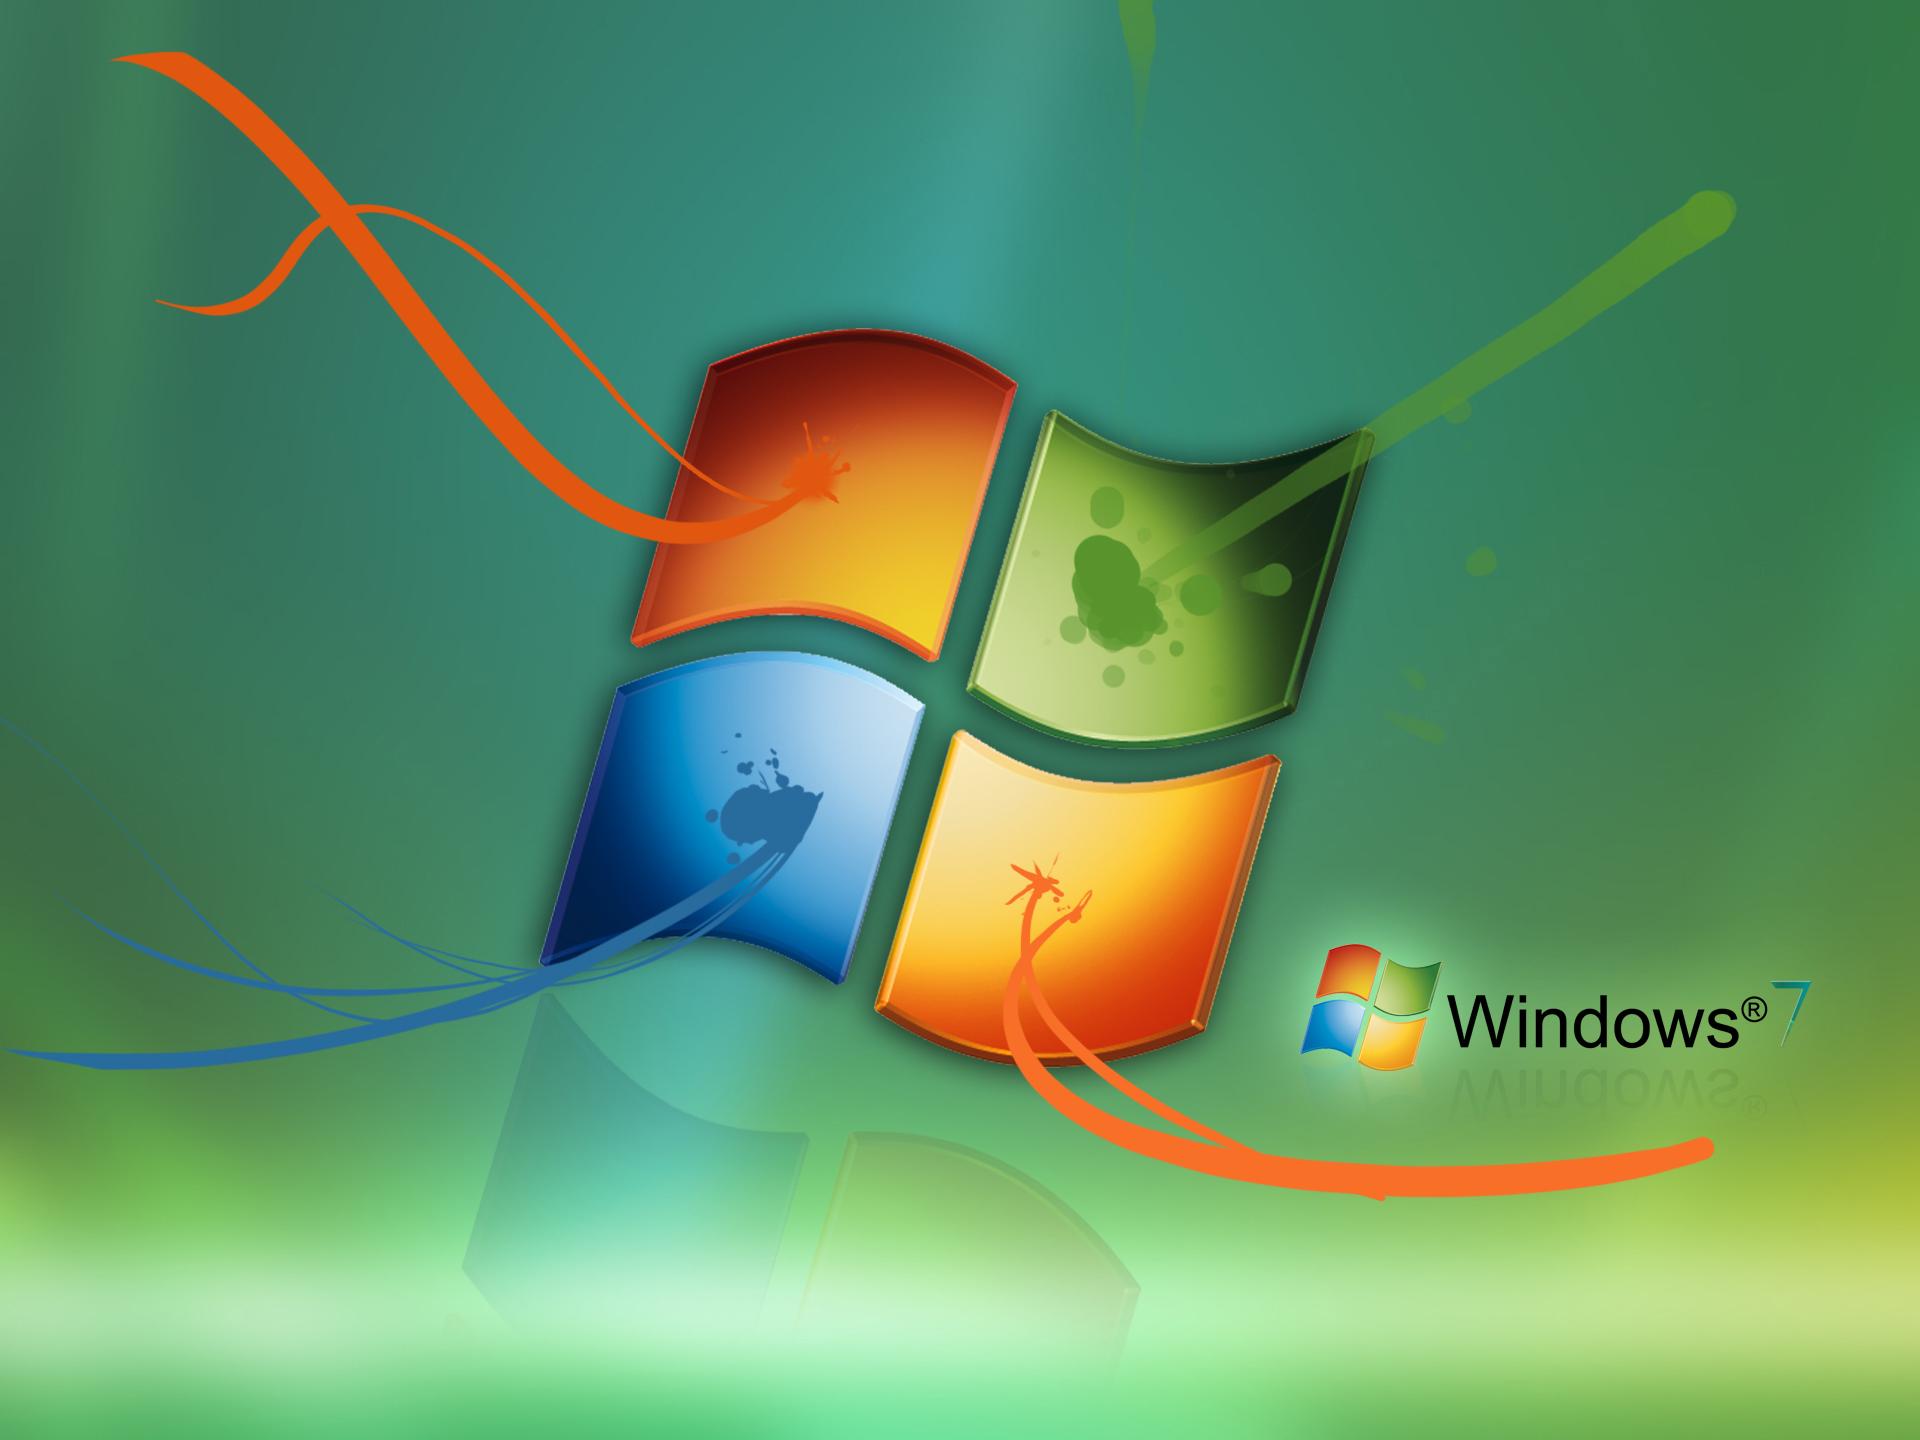 Установить Видео Обои Windows 7 - lerfilecloud